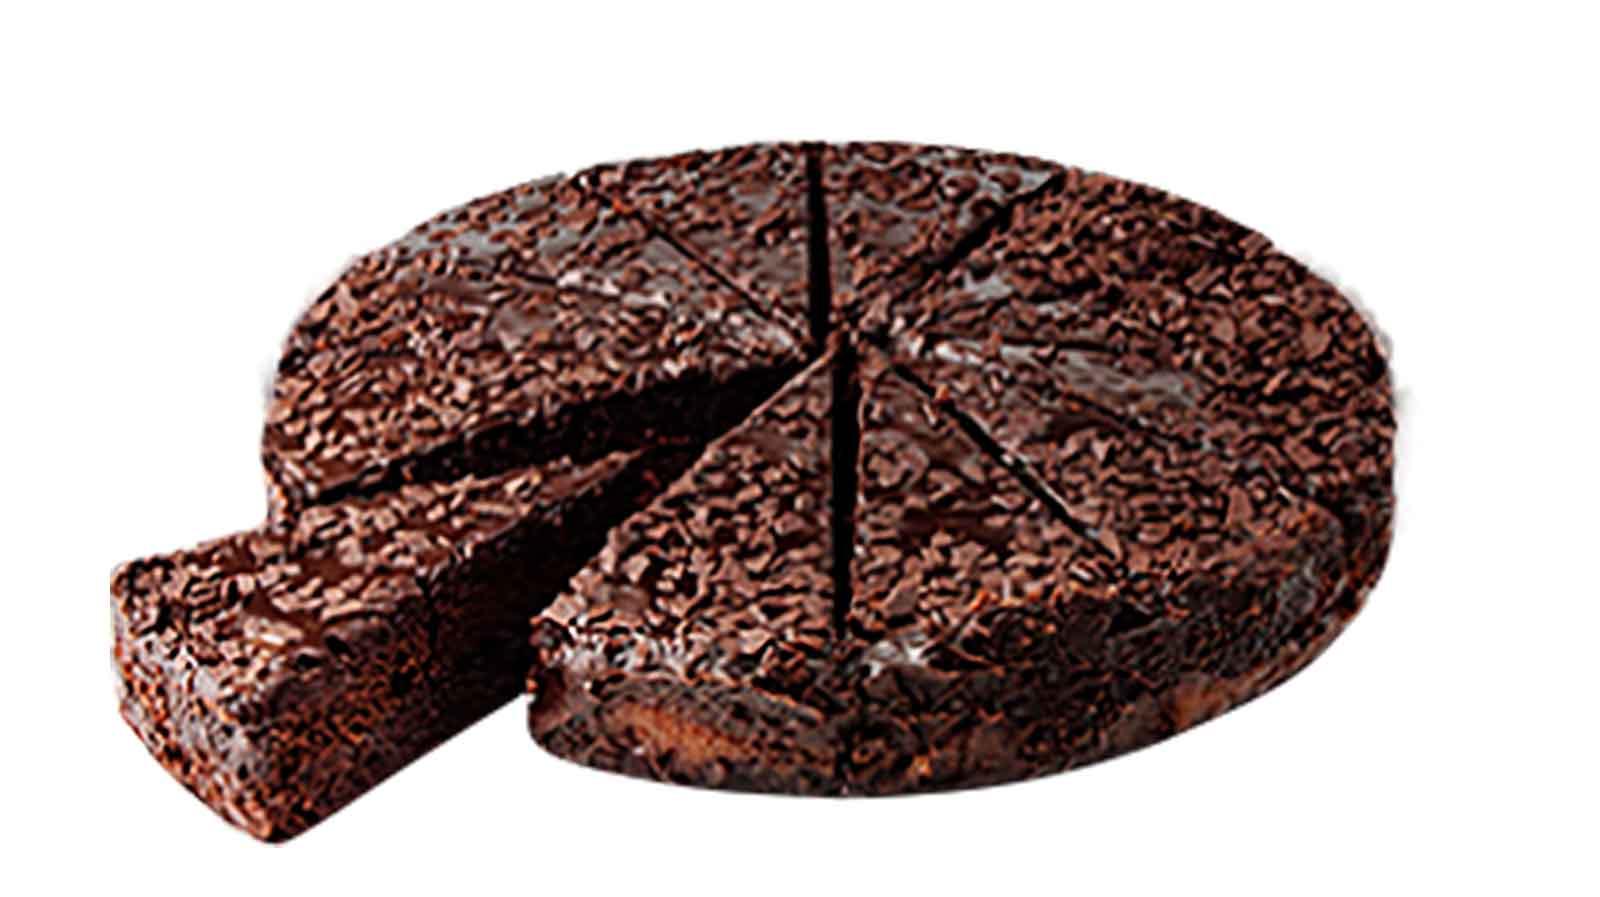 Торт Захер 1,2кг хорека